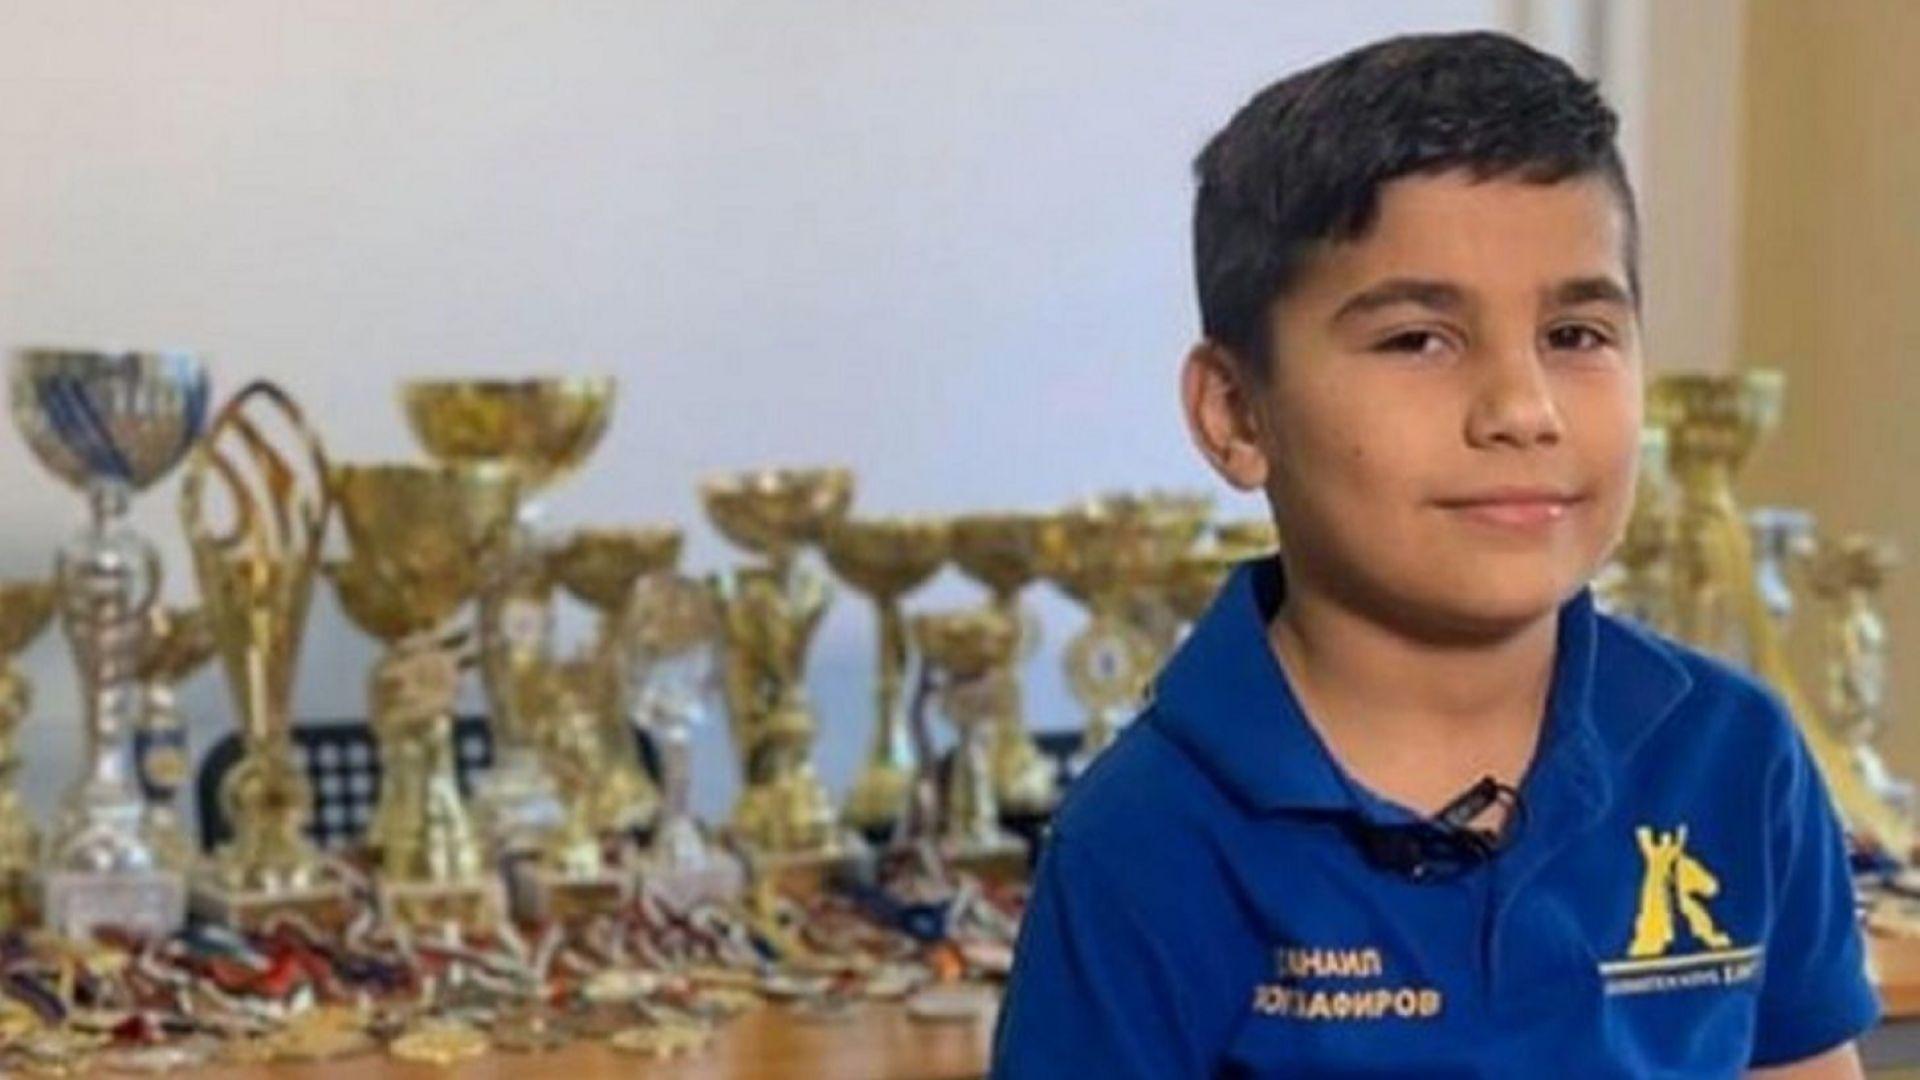 Българче намери място в челото на шахматната ранглиста за деца